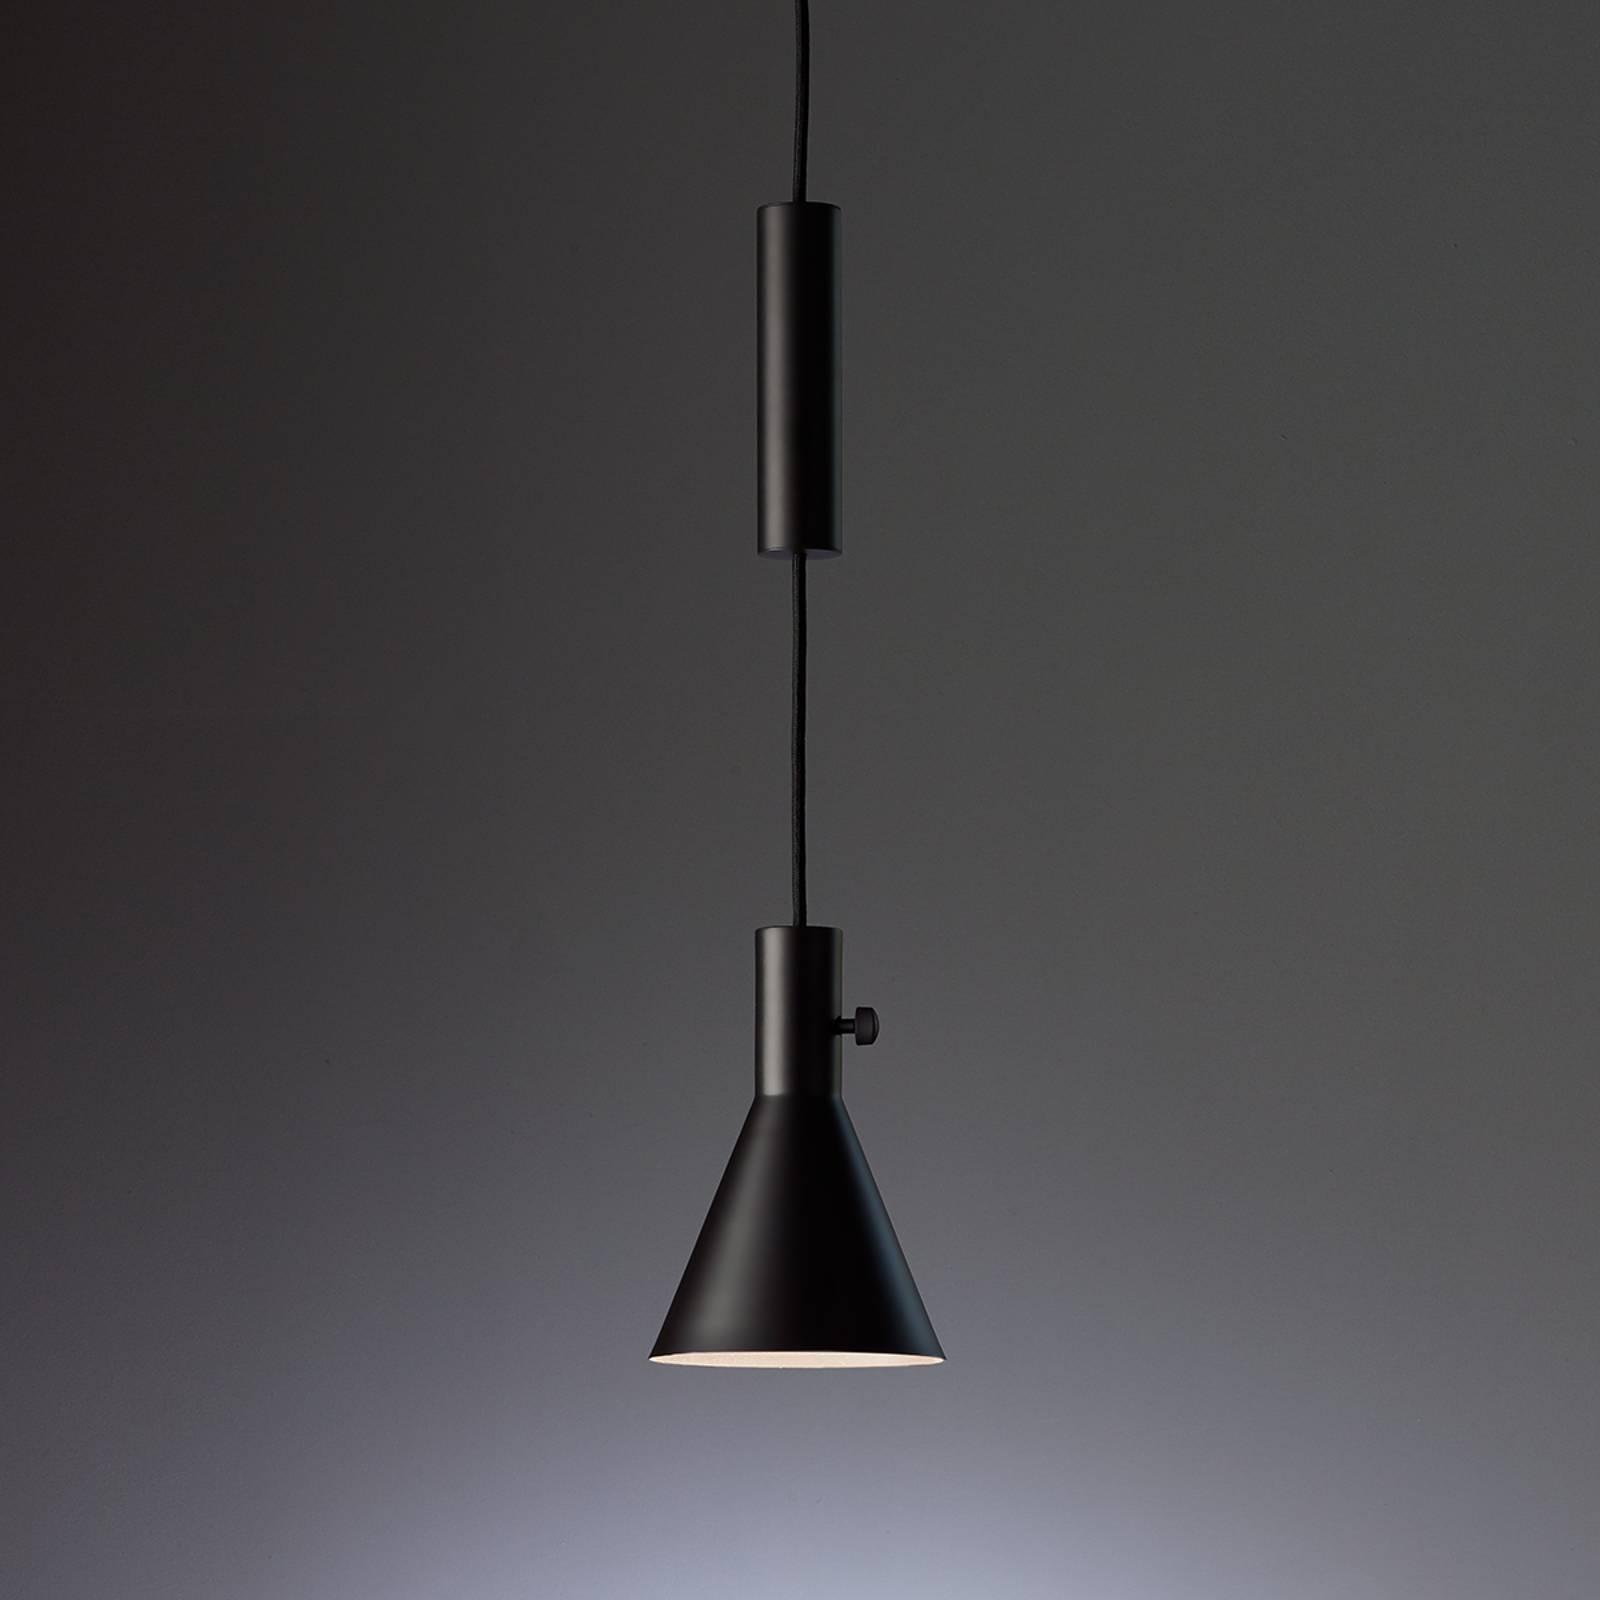 Lampen von tecnolumen g nstig online kaufen bei m bel for Lampen n und l